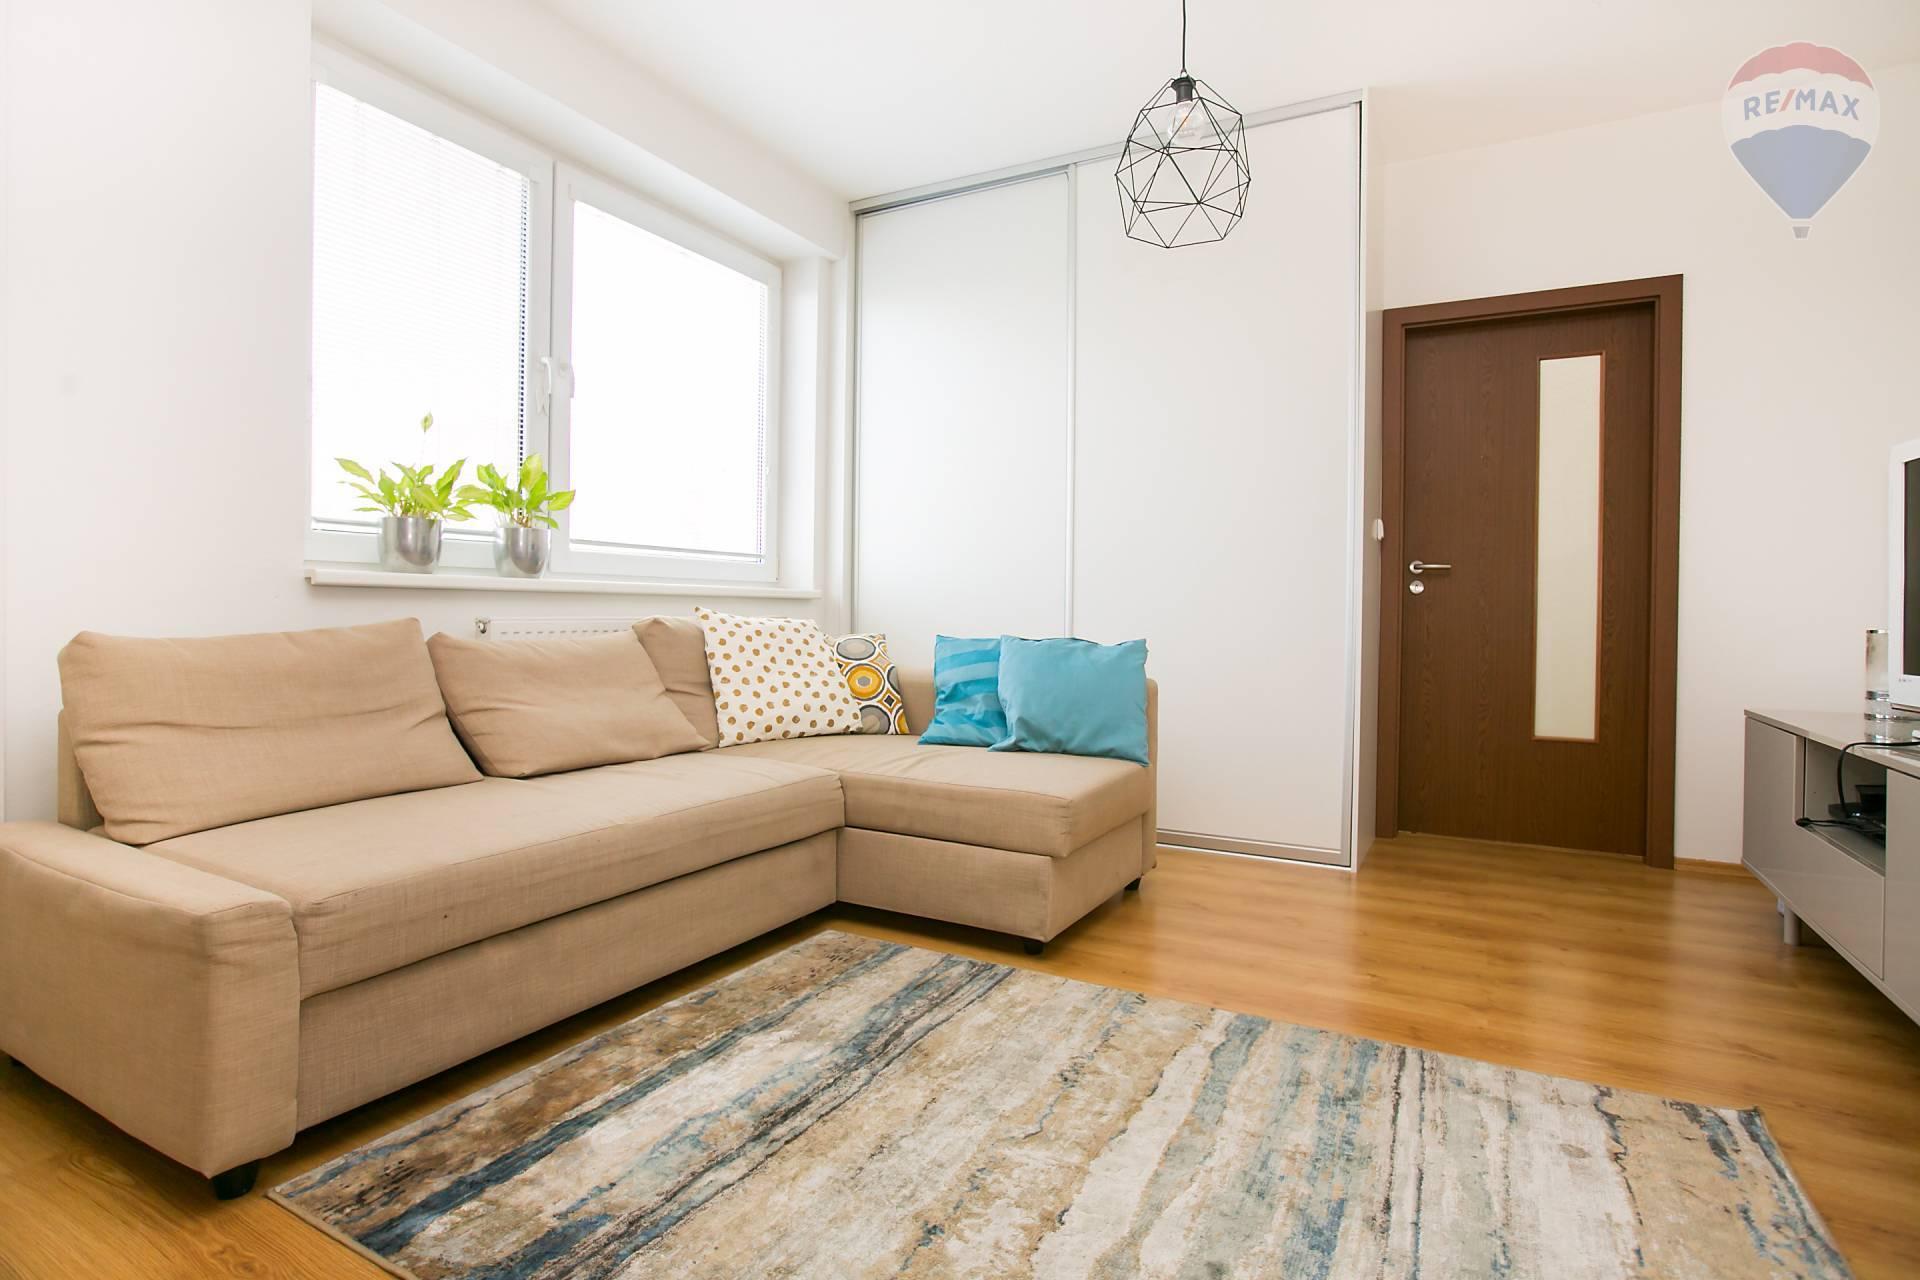 Prenájom bytu (2 izbový) 48 m2, Bratislava - Podunajské Biskupice - obývacia izba